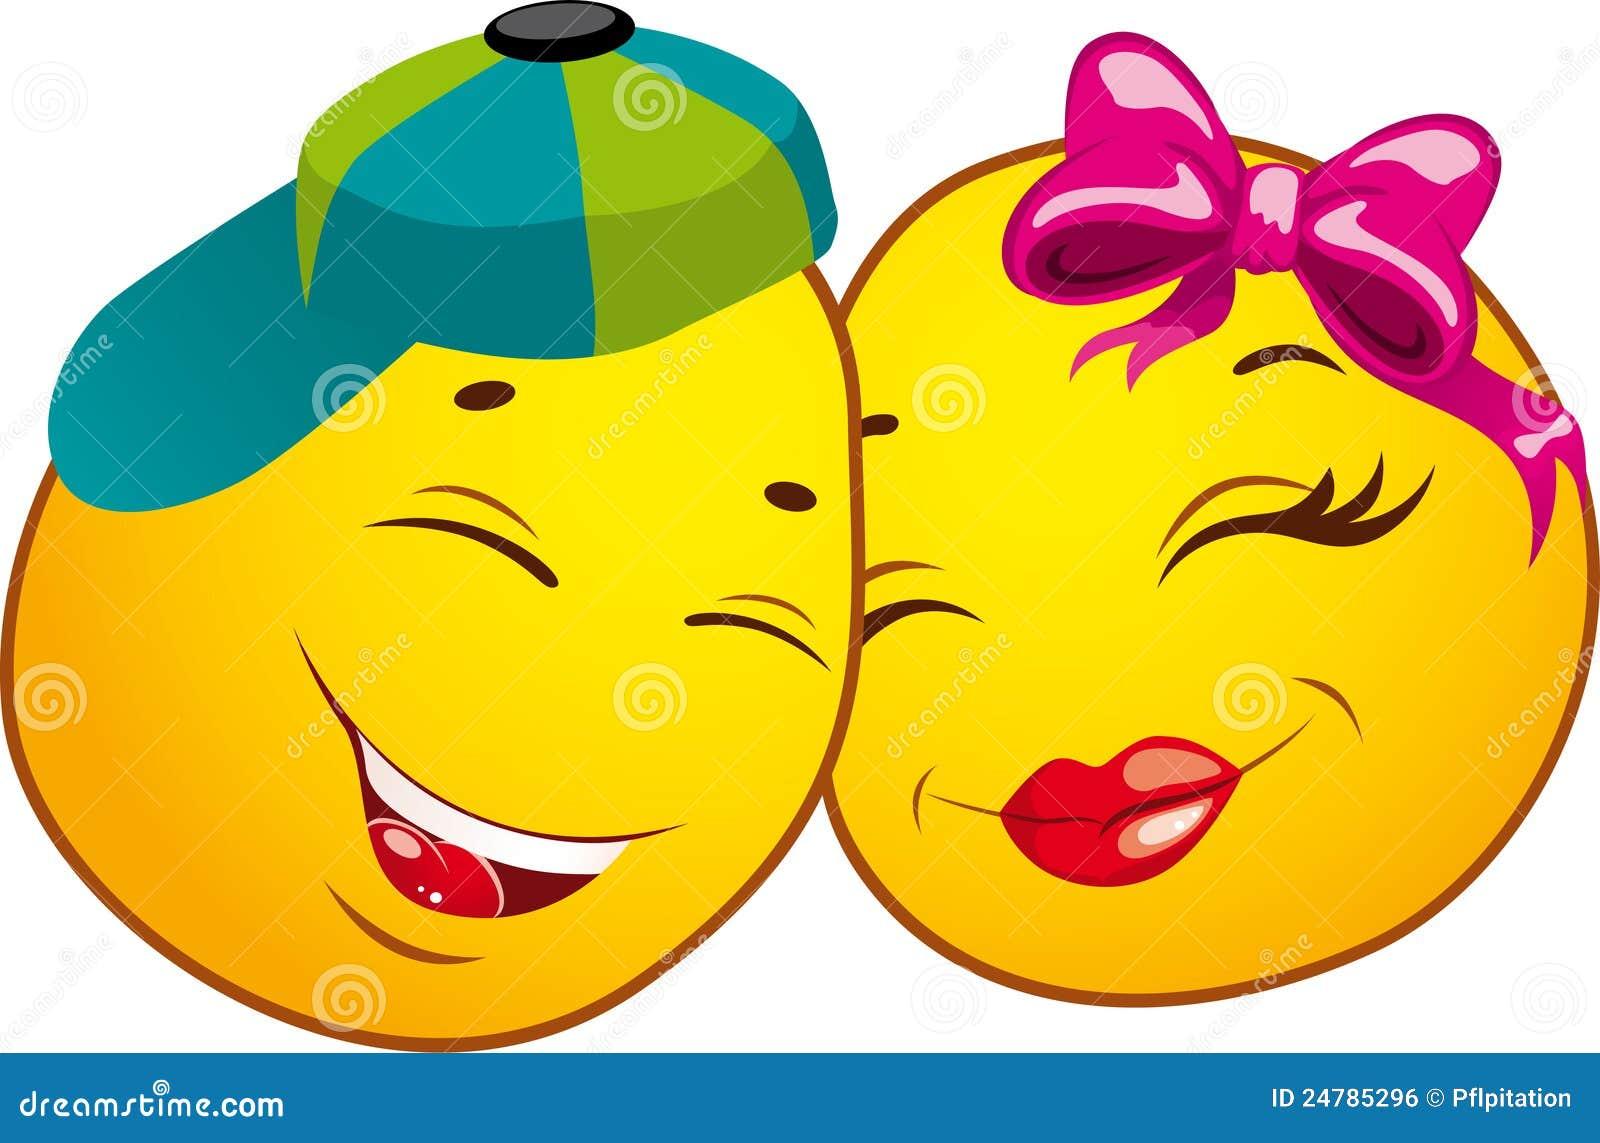 Regala un smiley al anterior y otro al que sigue - Página 3 Smiley-icons-love-24785296